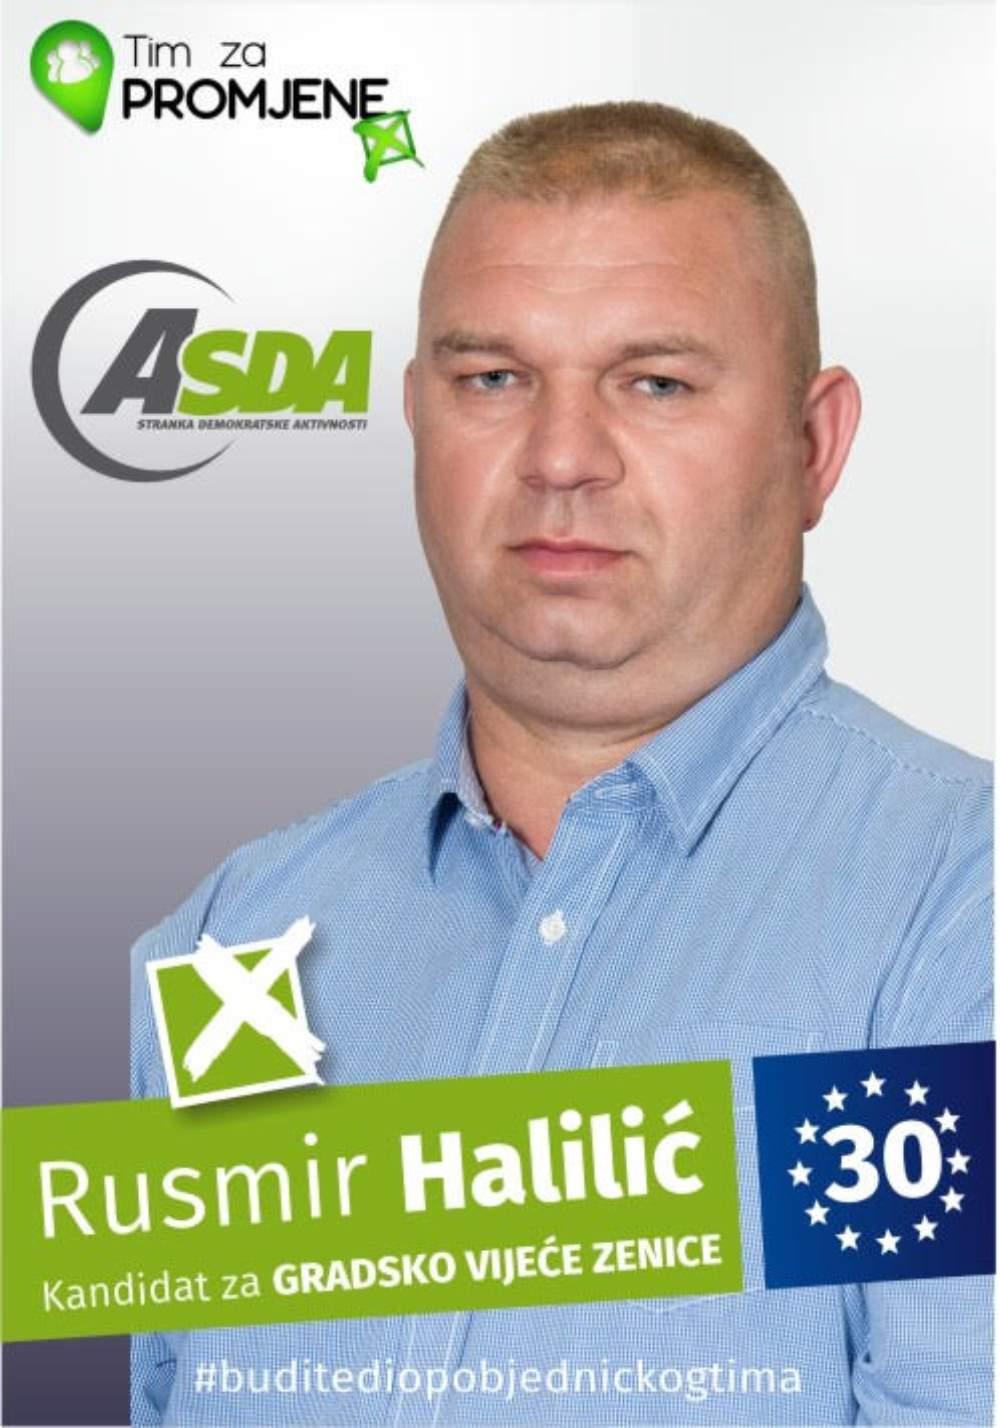 Rusmir Halilić